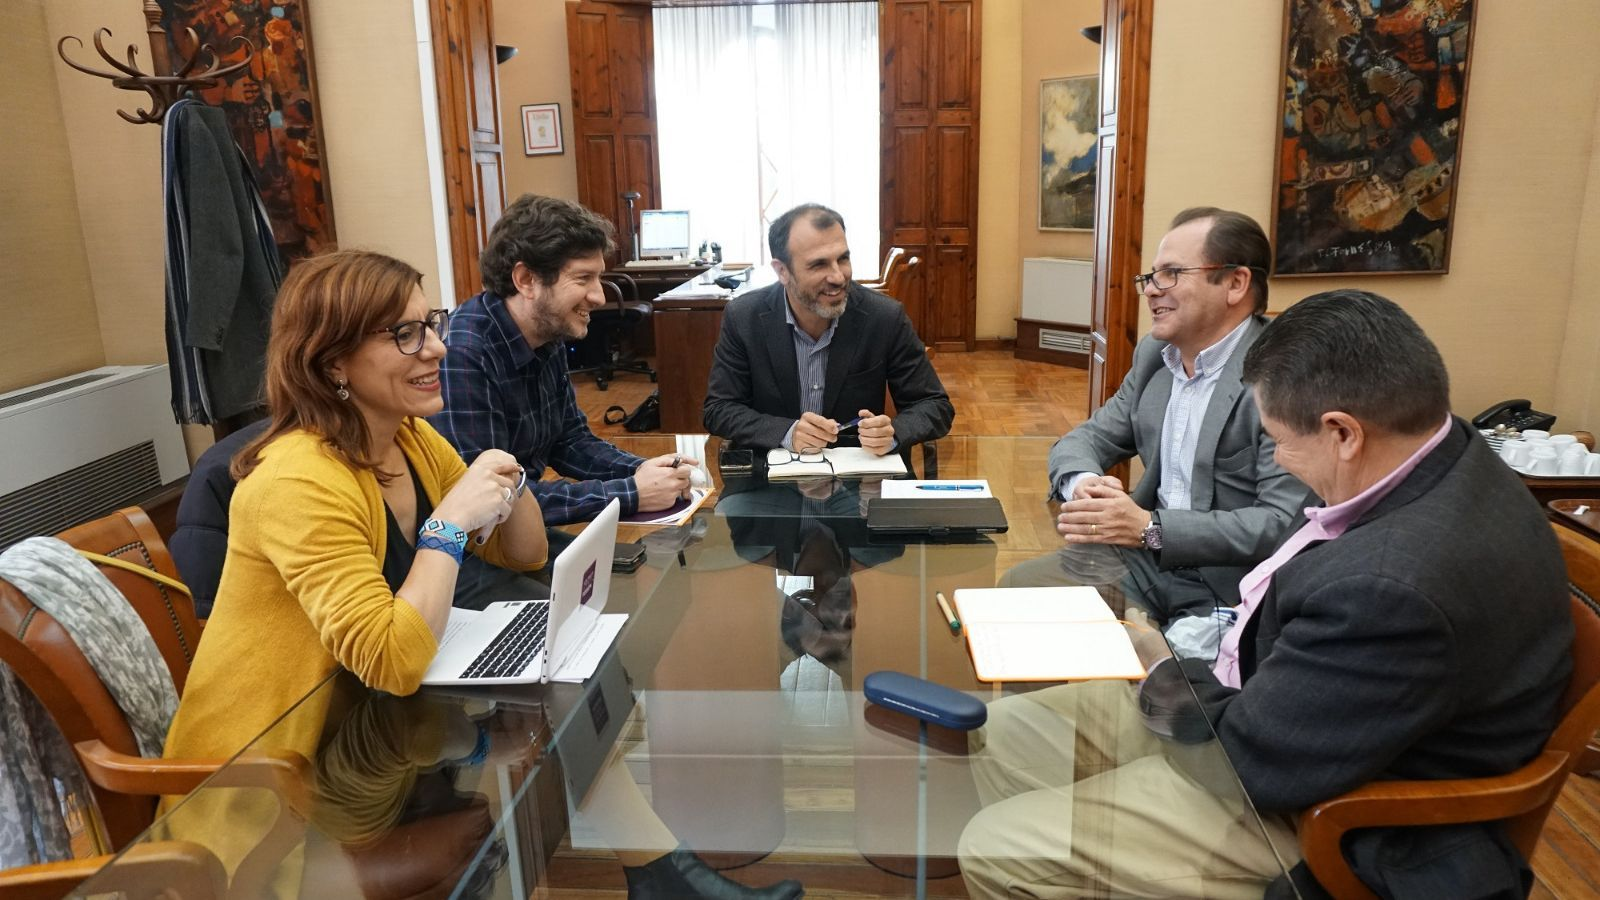 Jarabo, Camargo, Barceló, Sansó i Mayol en la reunió celebrada, aquest dimecres, a la conselleria de Turisme.